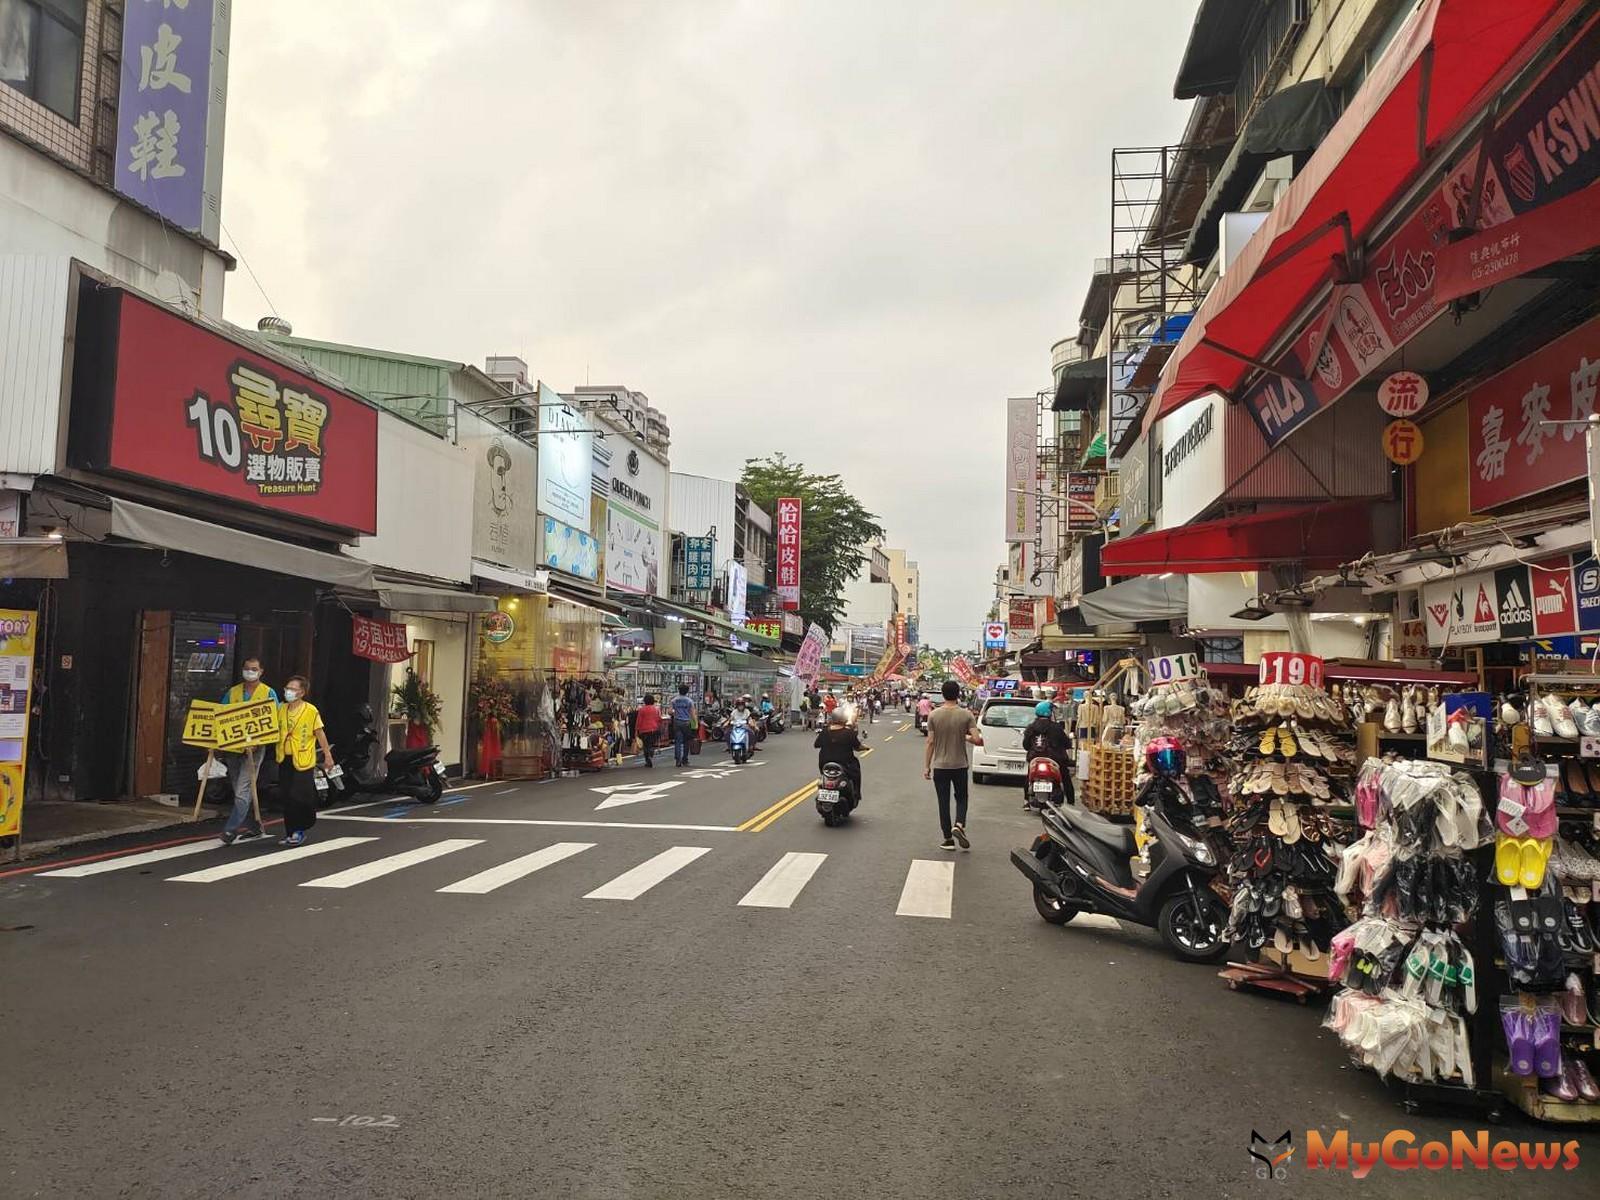 嘉義文化路商圈,大樓5年房價漲54%(圖/東森房屋) MyGoNews房地產新聞 區域情報